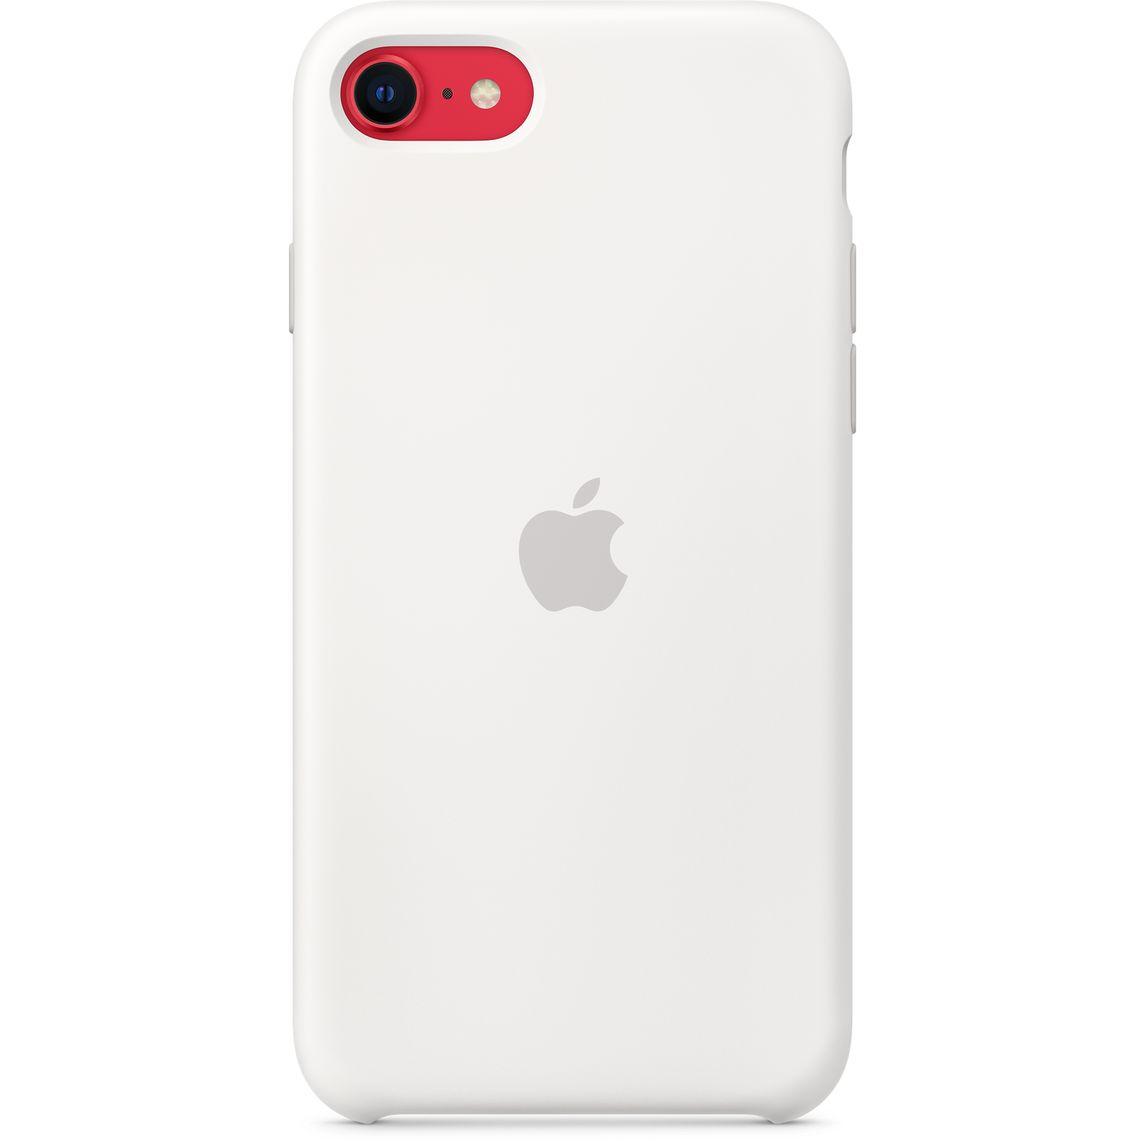 iPhone SE Silicone Case - White